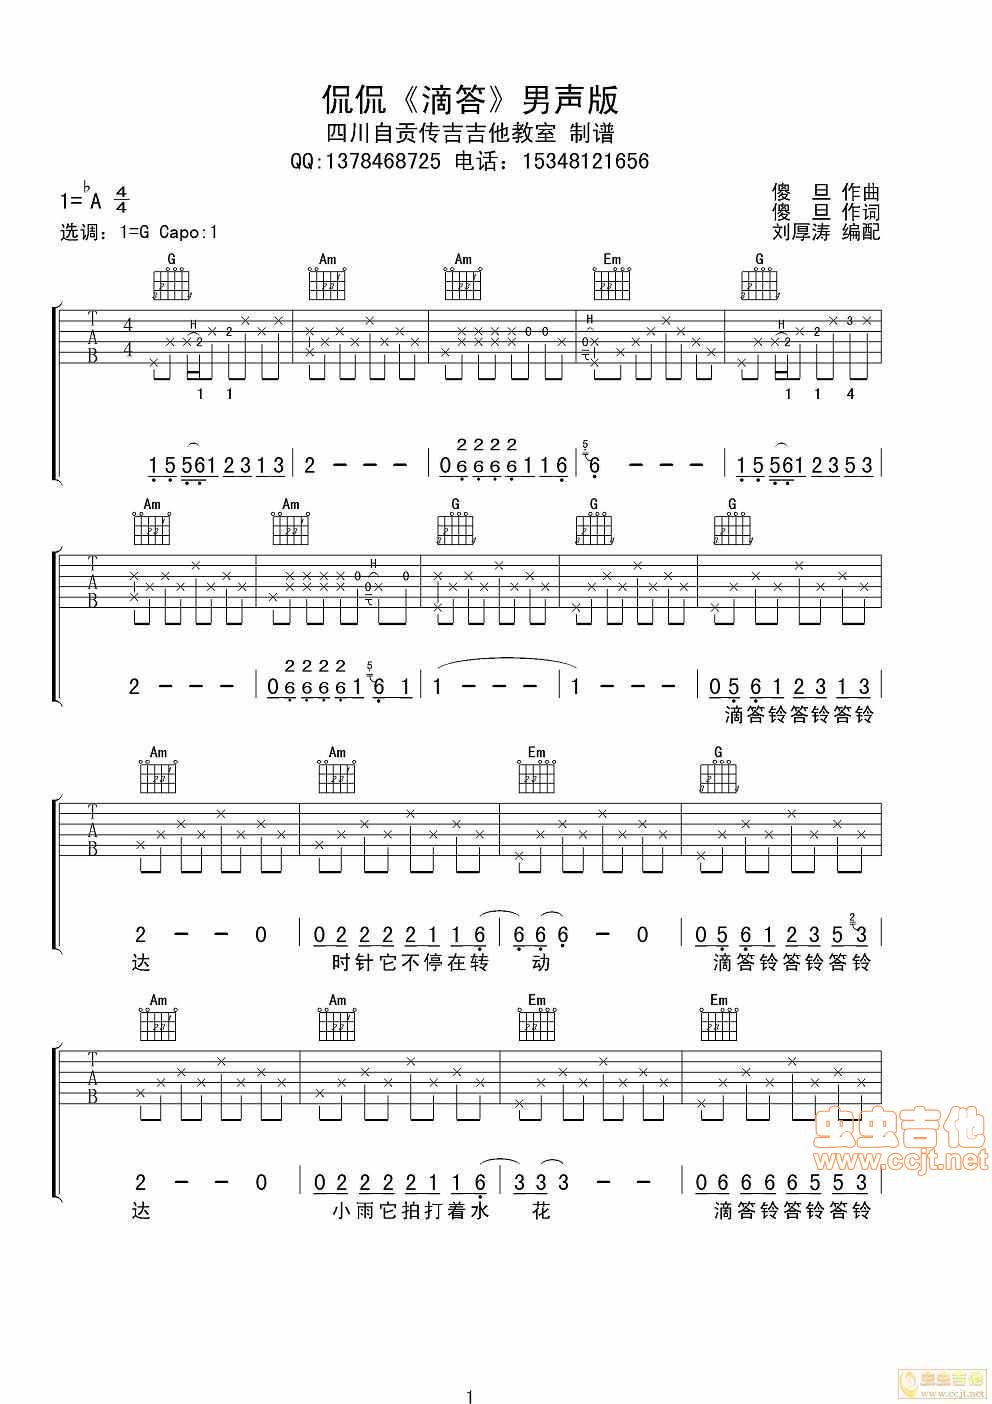 滴答(刘厚涛编配)吉他谱 六线谱—侃侃(男女声两版)